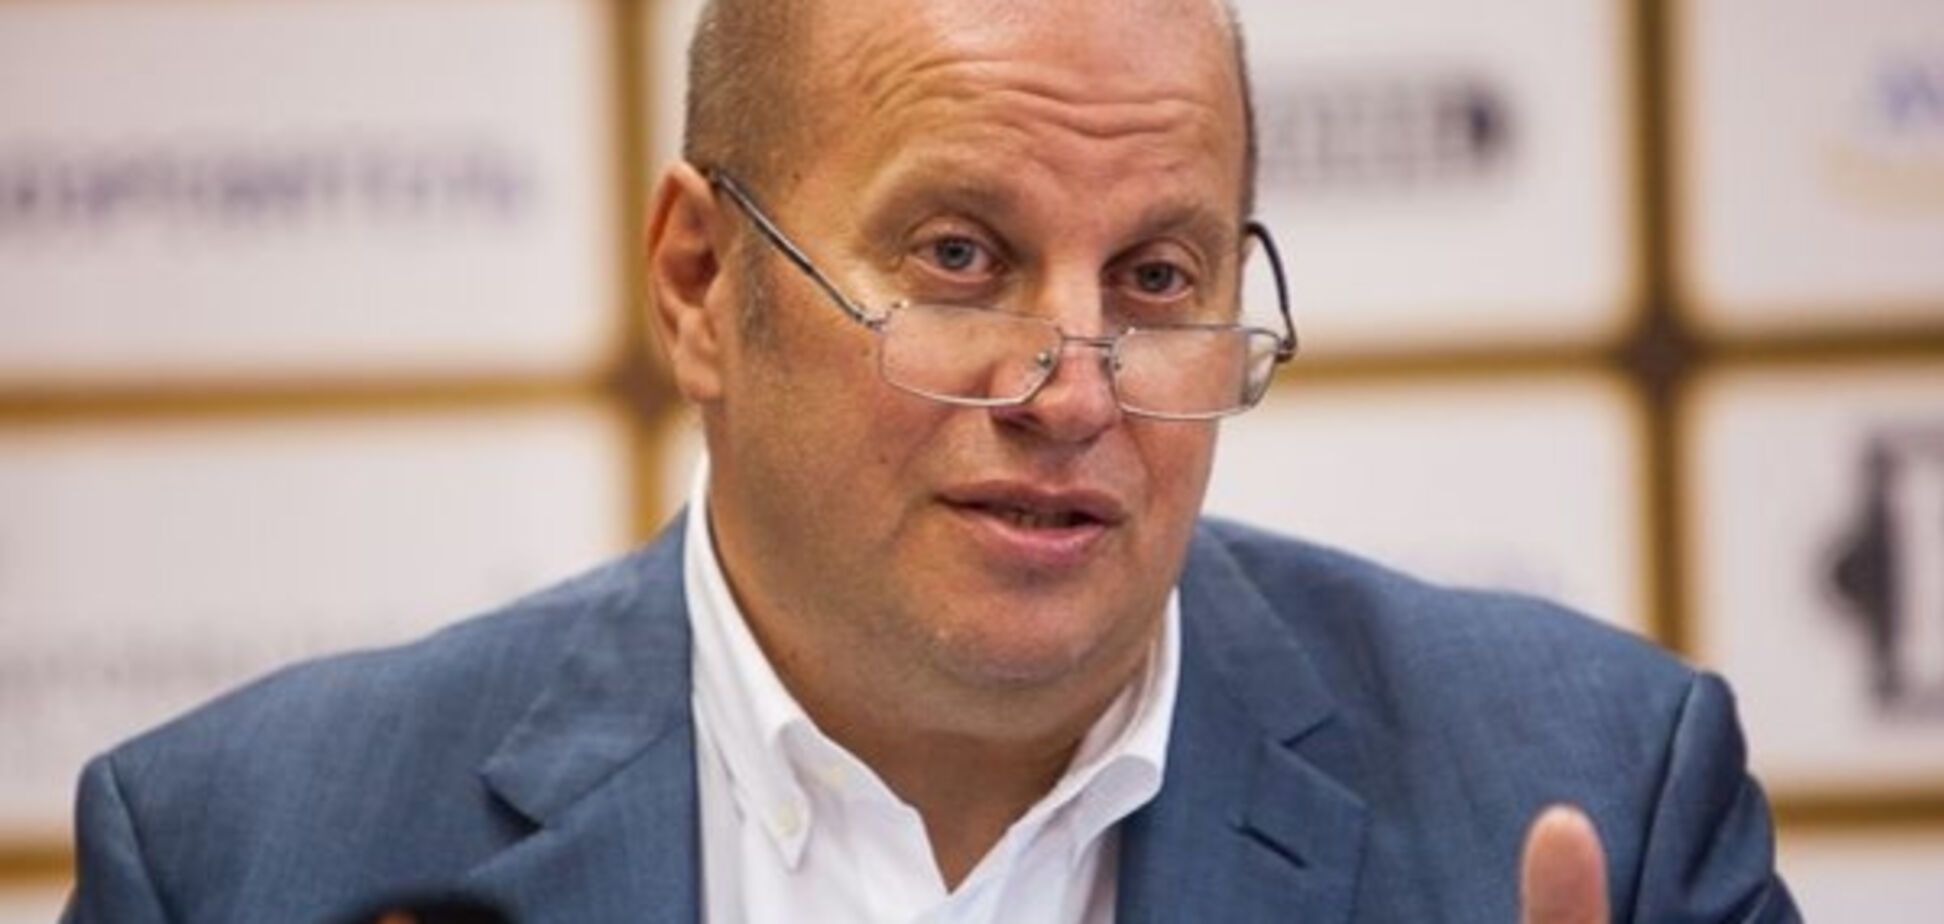 Бродський виграв суд щодо захисту гідності: подробиці справи